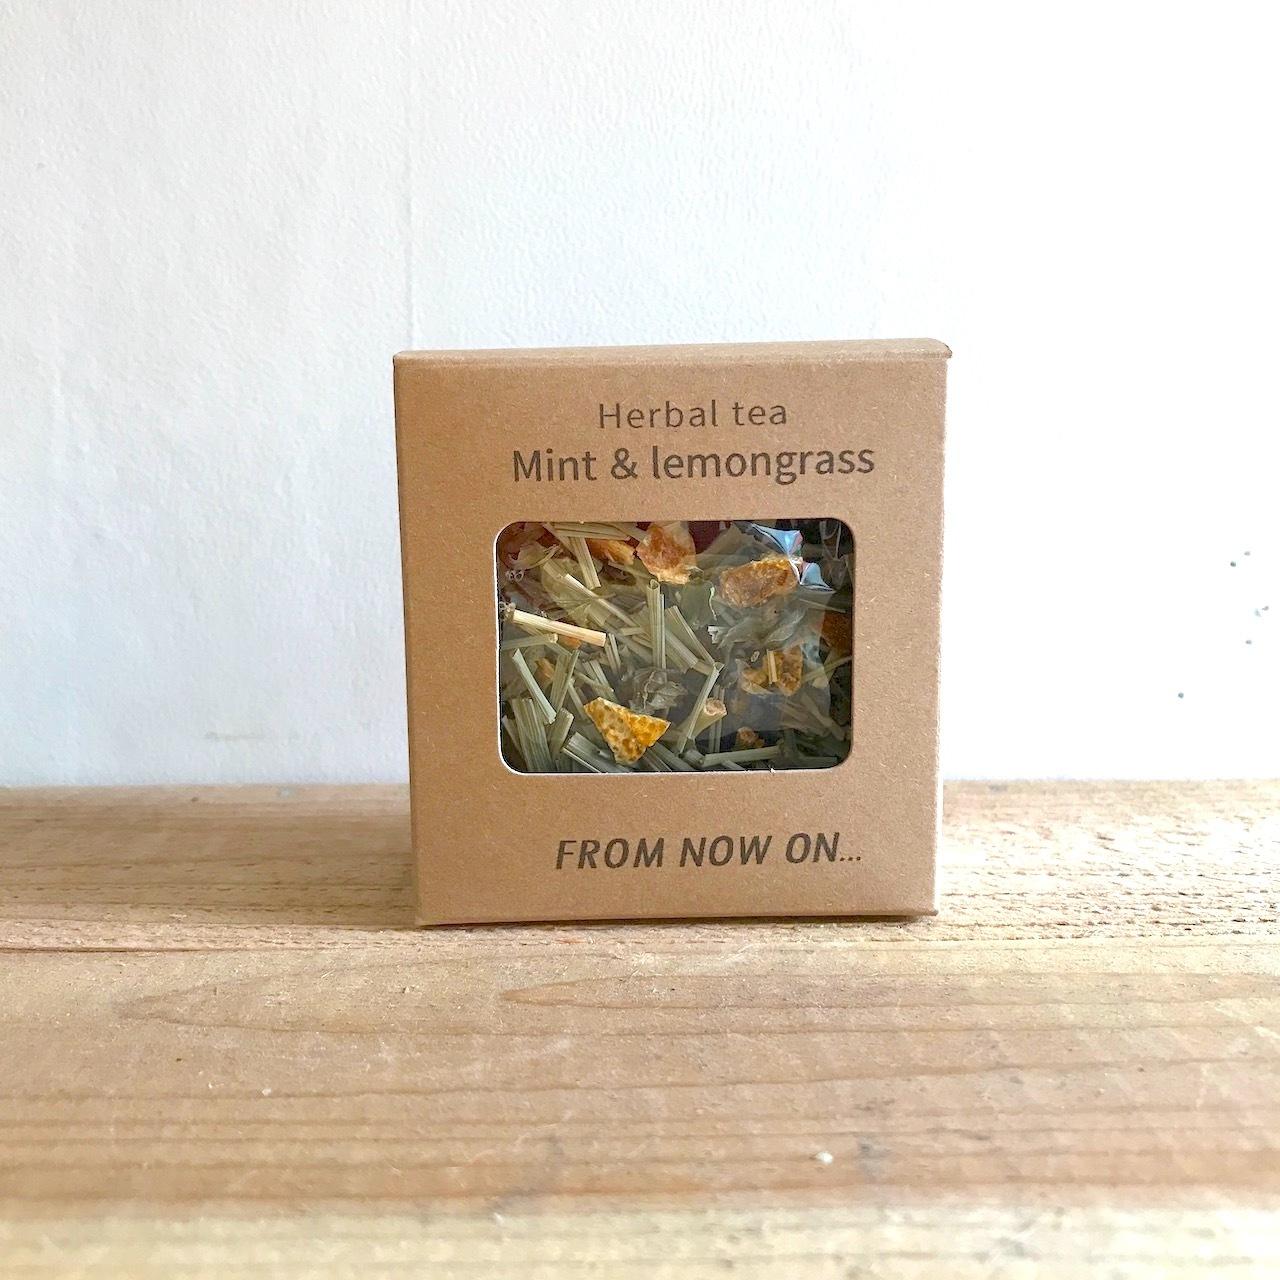 """"""" FNO Mint & Lemongrass herbal tea / ミント&レモングラス ハーブティー カートンS 10g """""""